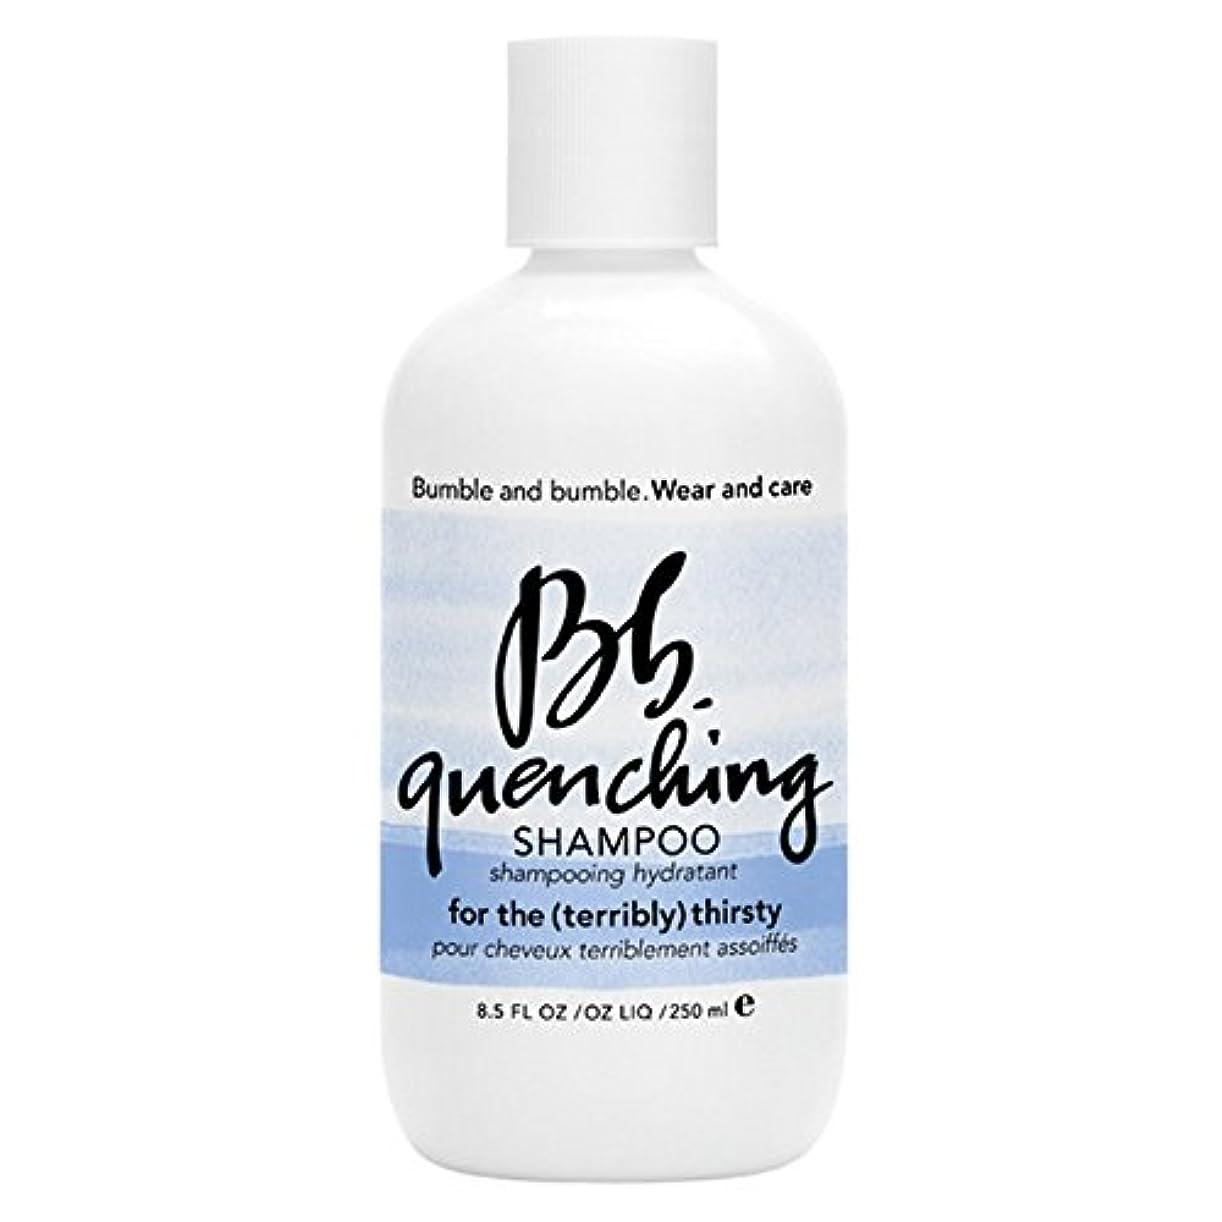 フリル決定略語バンブルアンドバンブル急冷シャンプー250ミリリットル (Bumble and bumble) (x2) - Bumble and bumble Quenching Shampoo 250ml (Pack of 2) [並行輸入品]